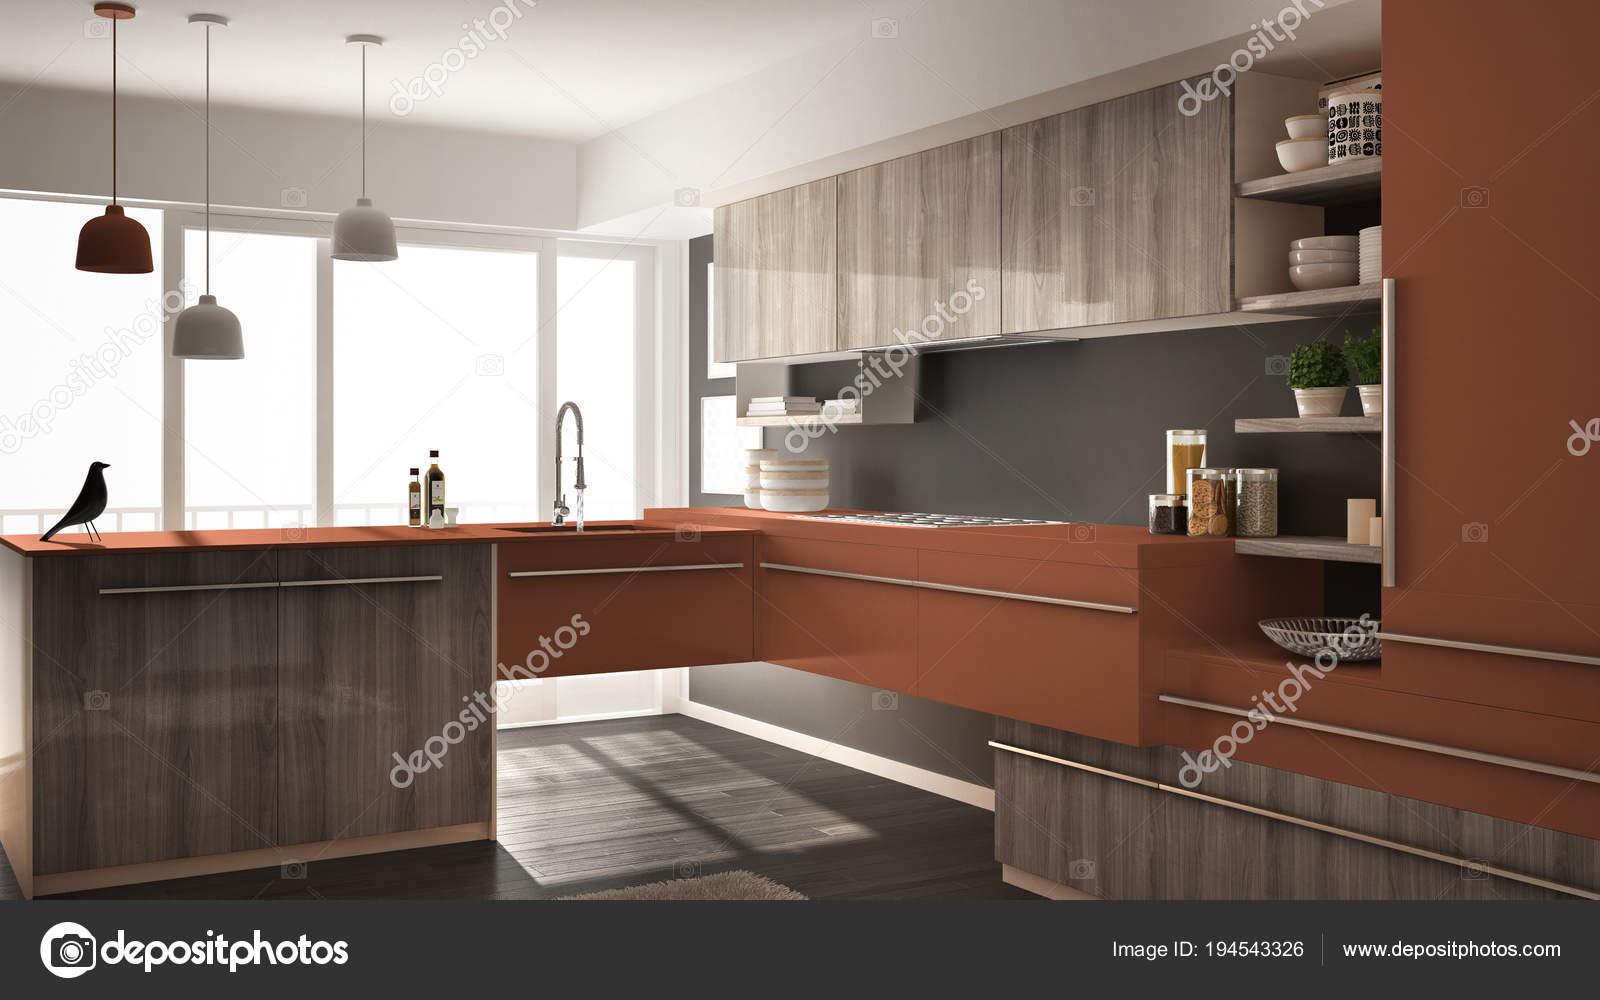 Nowoczesny Minimalistyczny Drewniane Kuchnia Z Parkietem